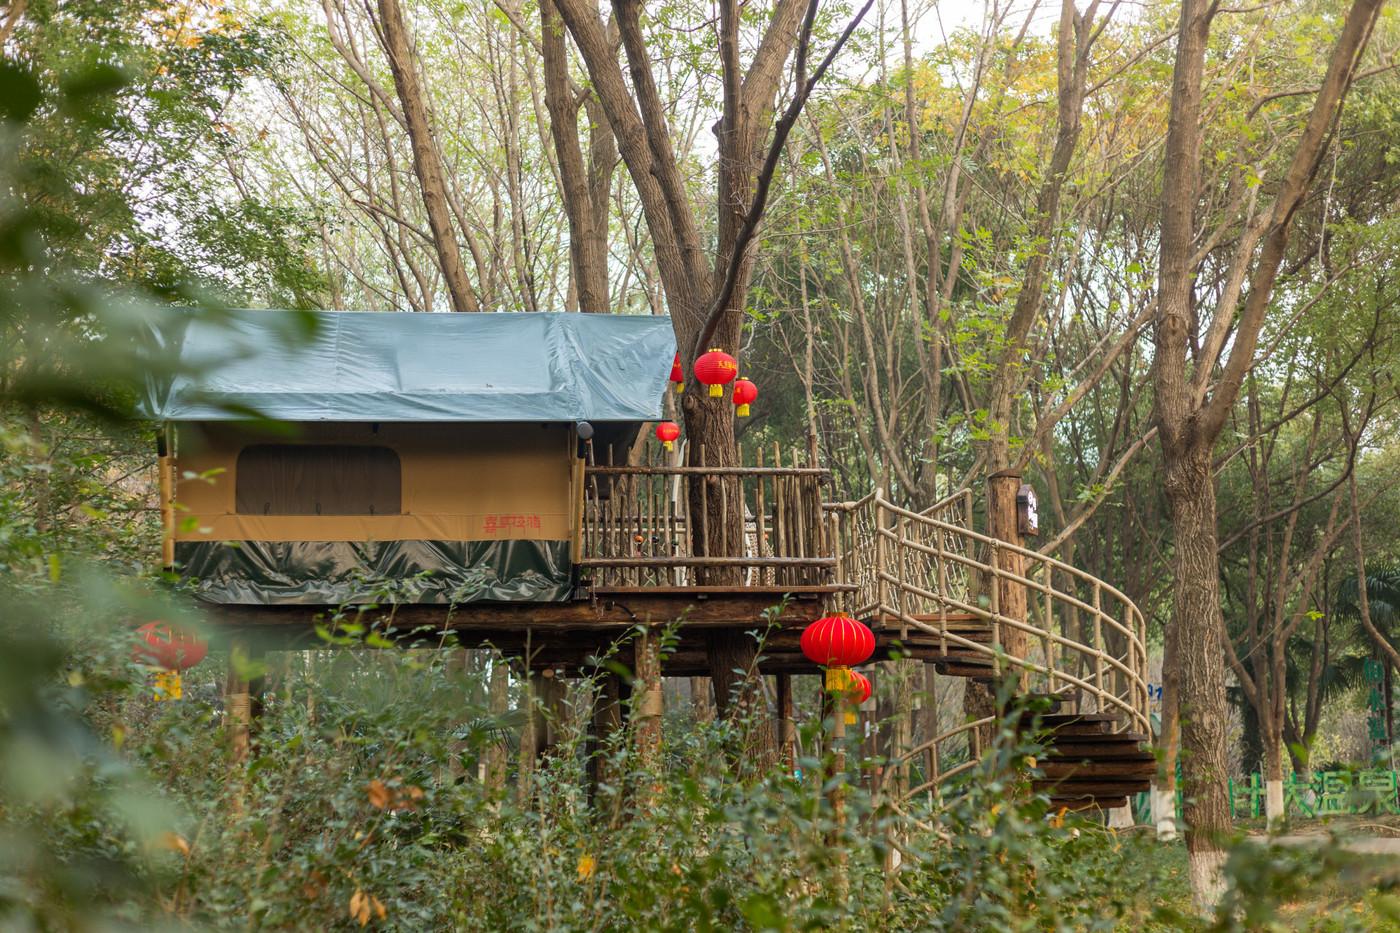 喜马拉雅野奢帐篷酒店—江苏常州天目湖树屋8